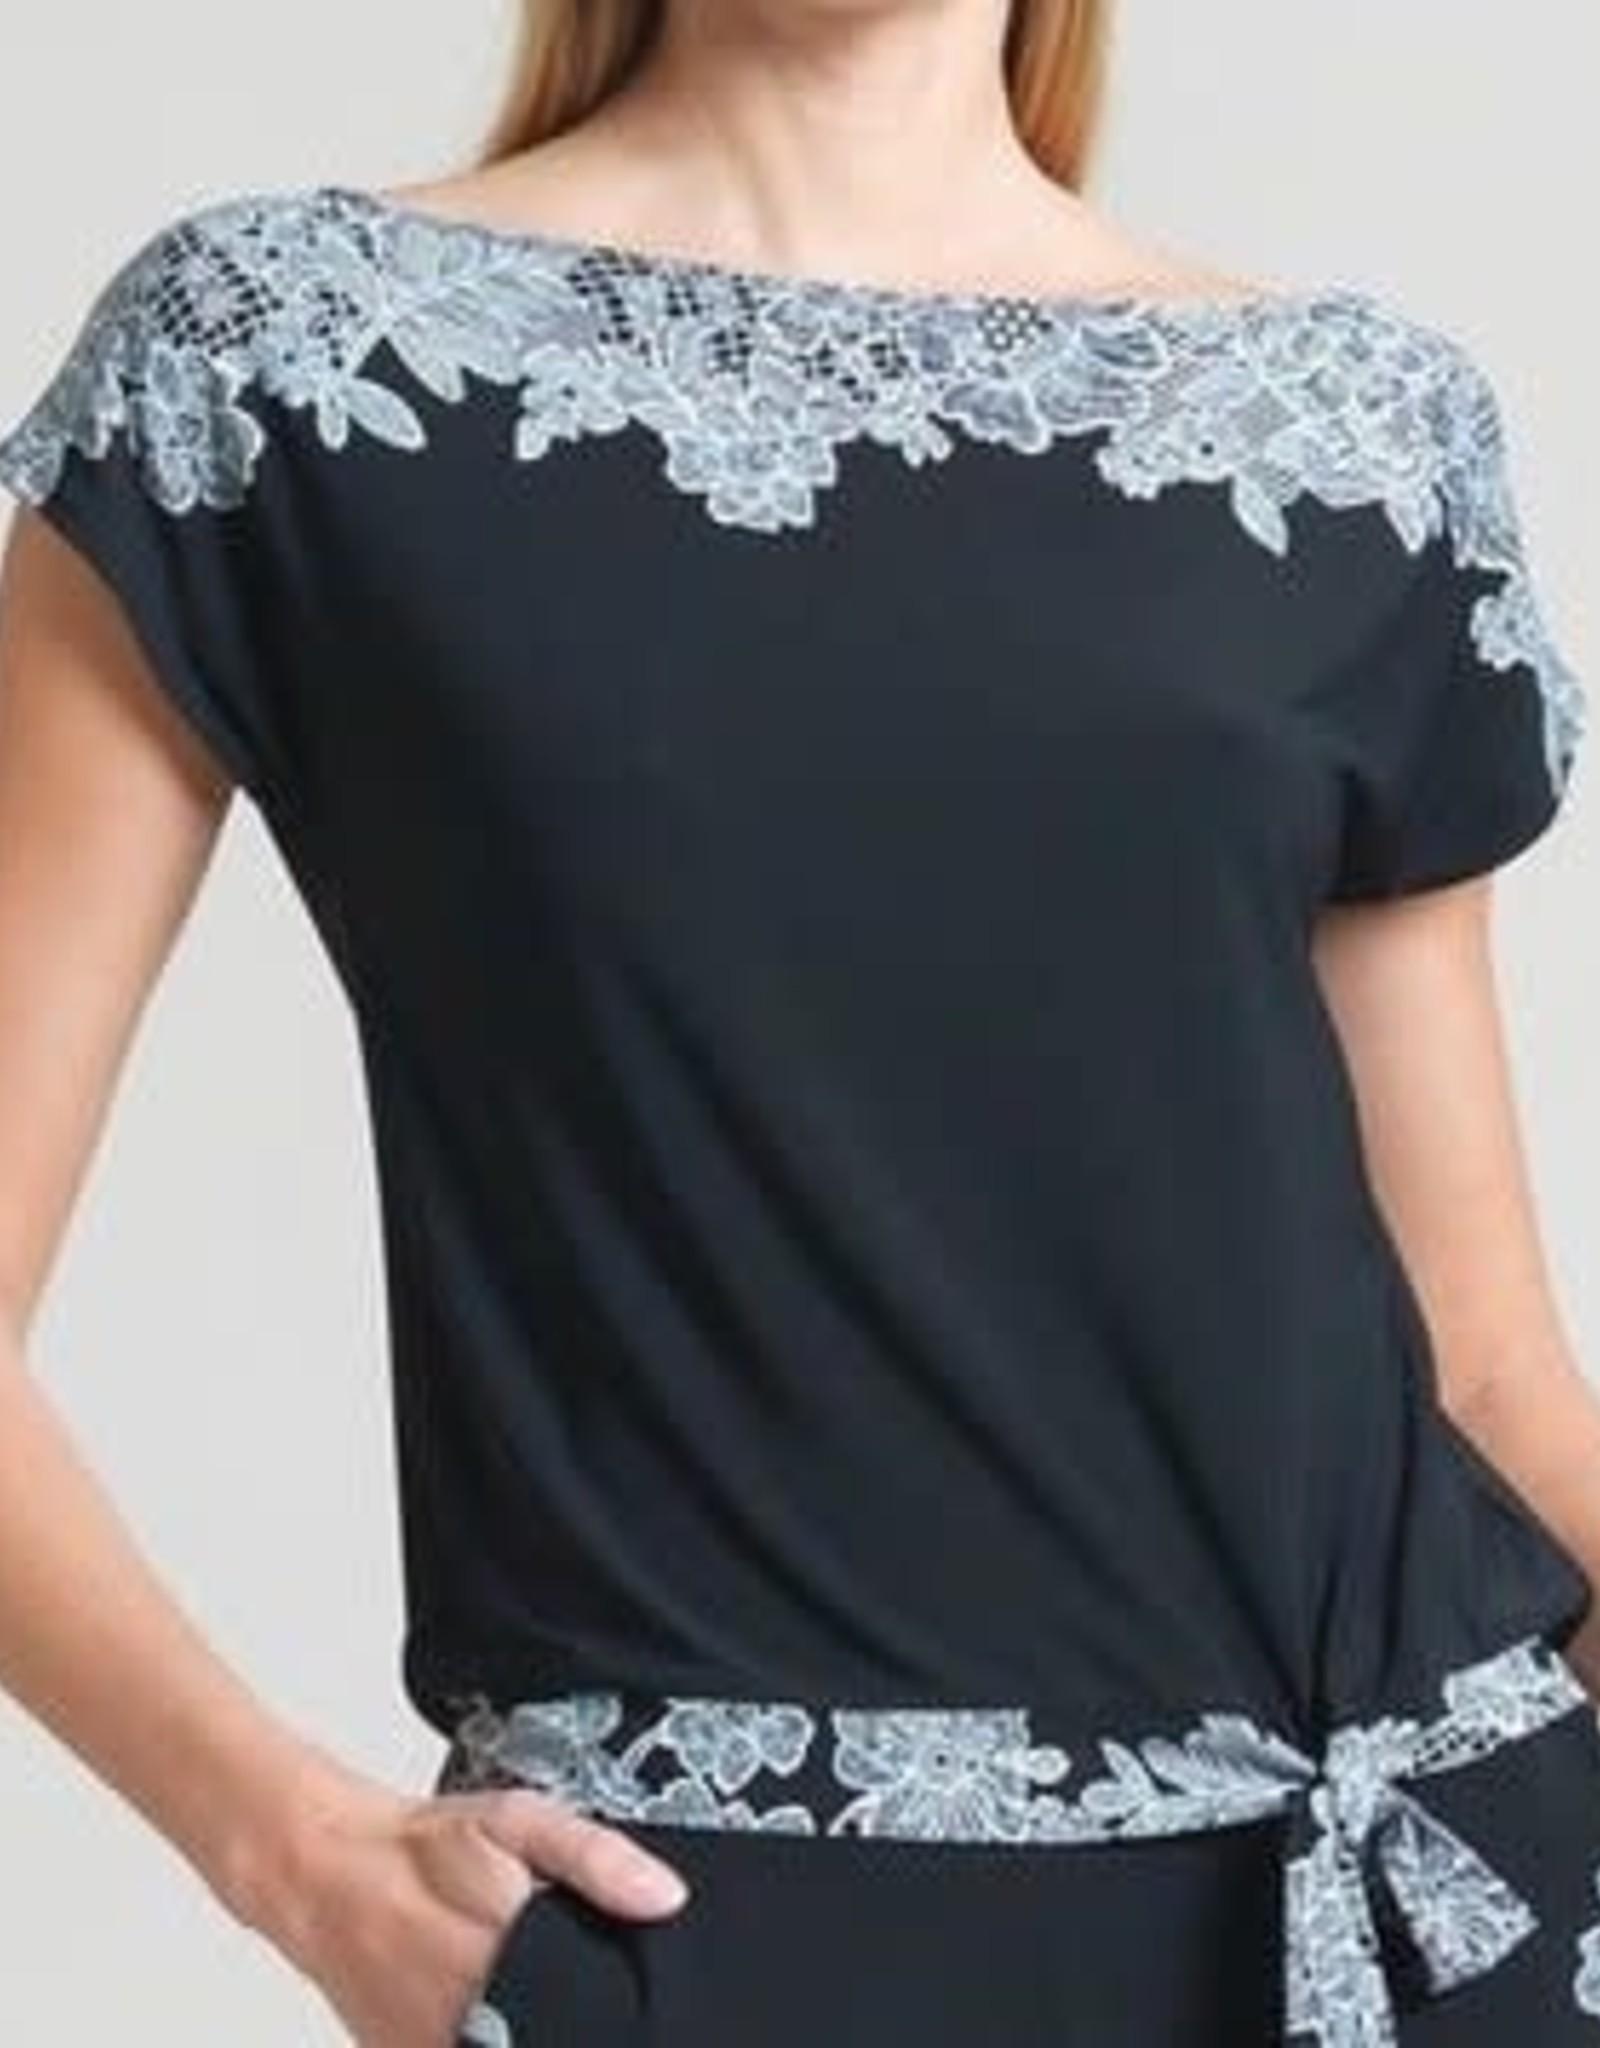 Lace Trim Print Cap Sleeve Soft Knit Blouse Top